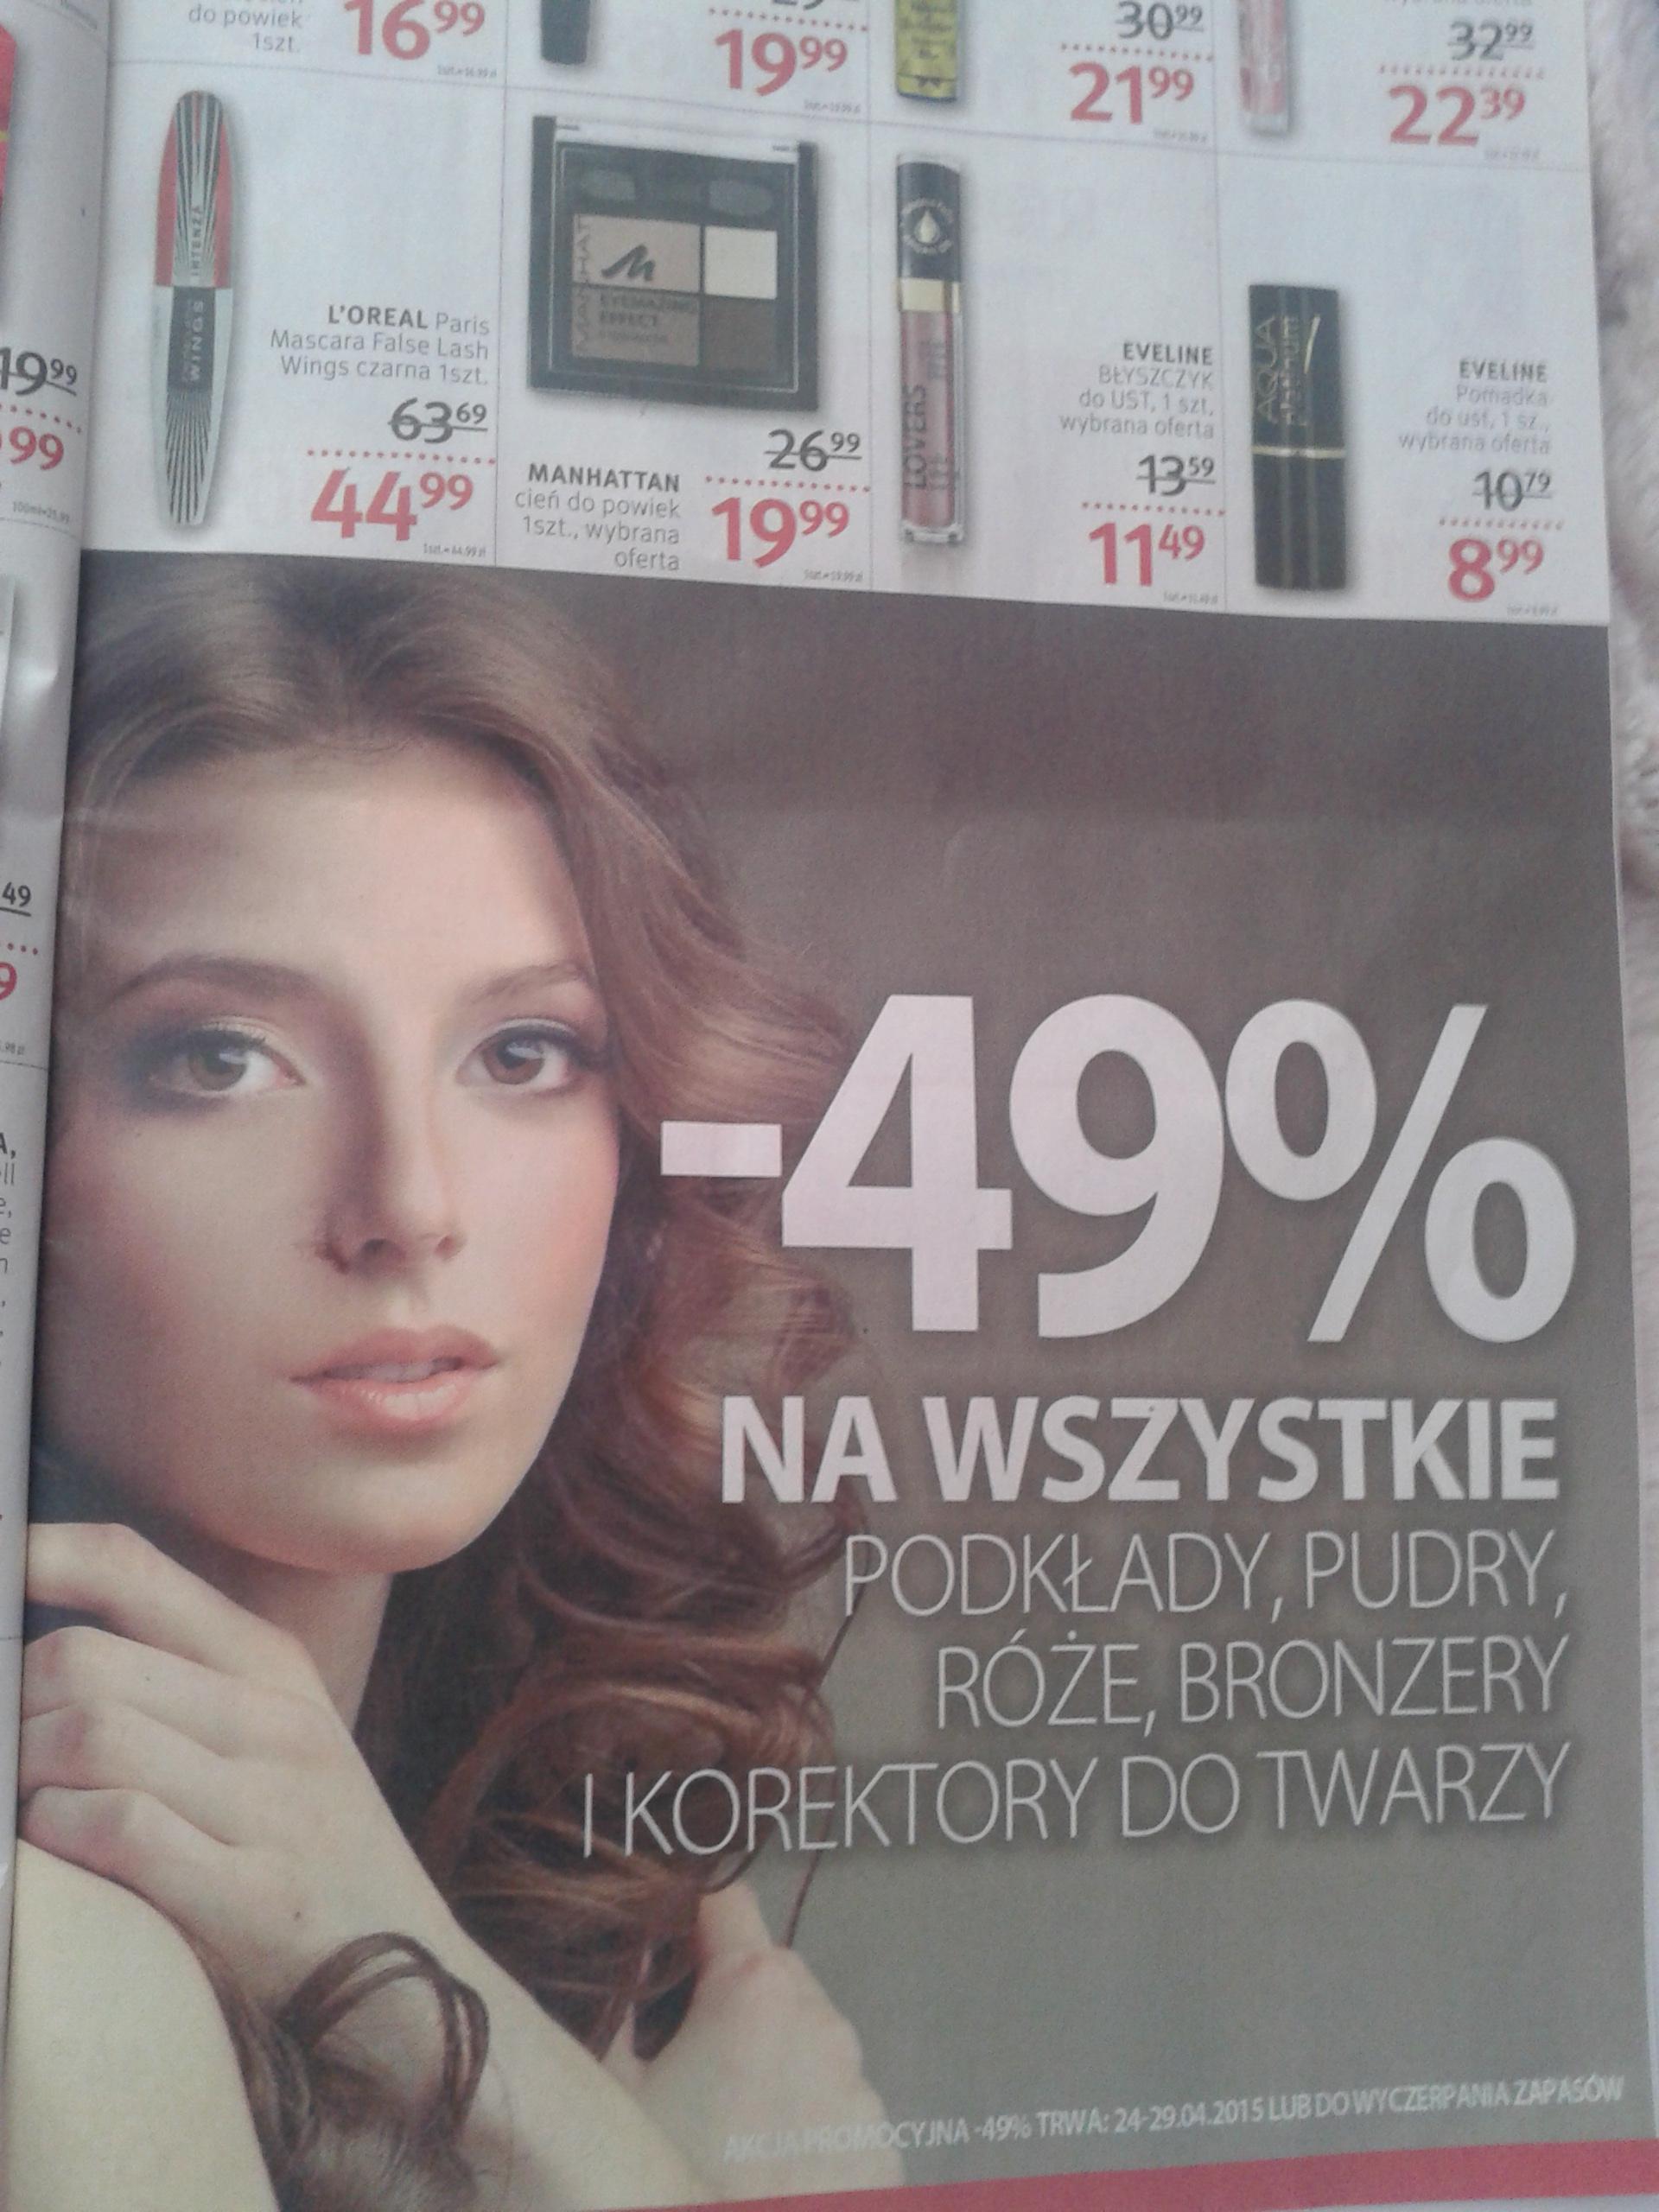 - 49% na wszystkie podkłady, pudry, róże, bronzery i korektory!! @ Rossmann